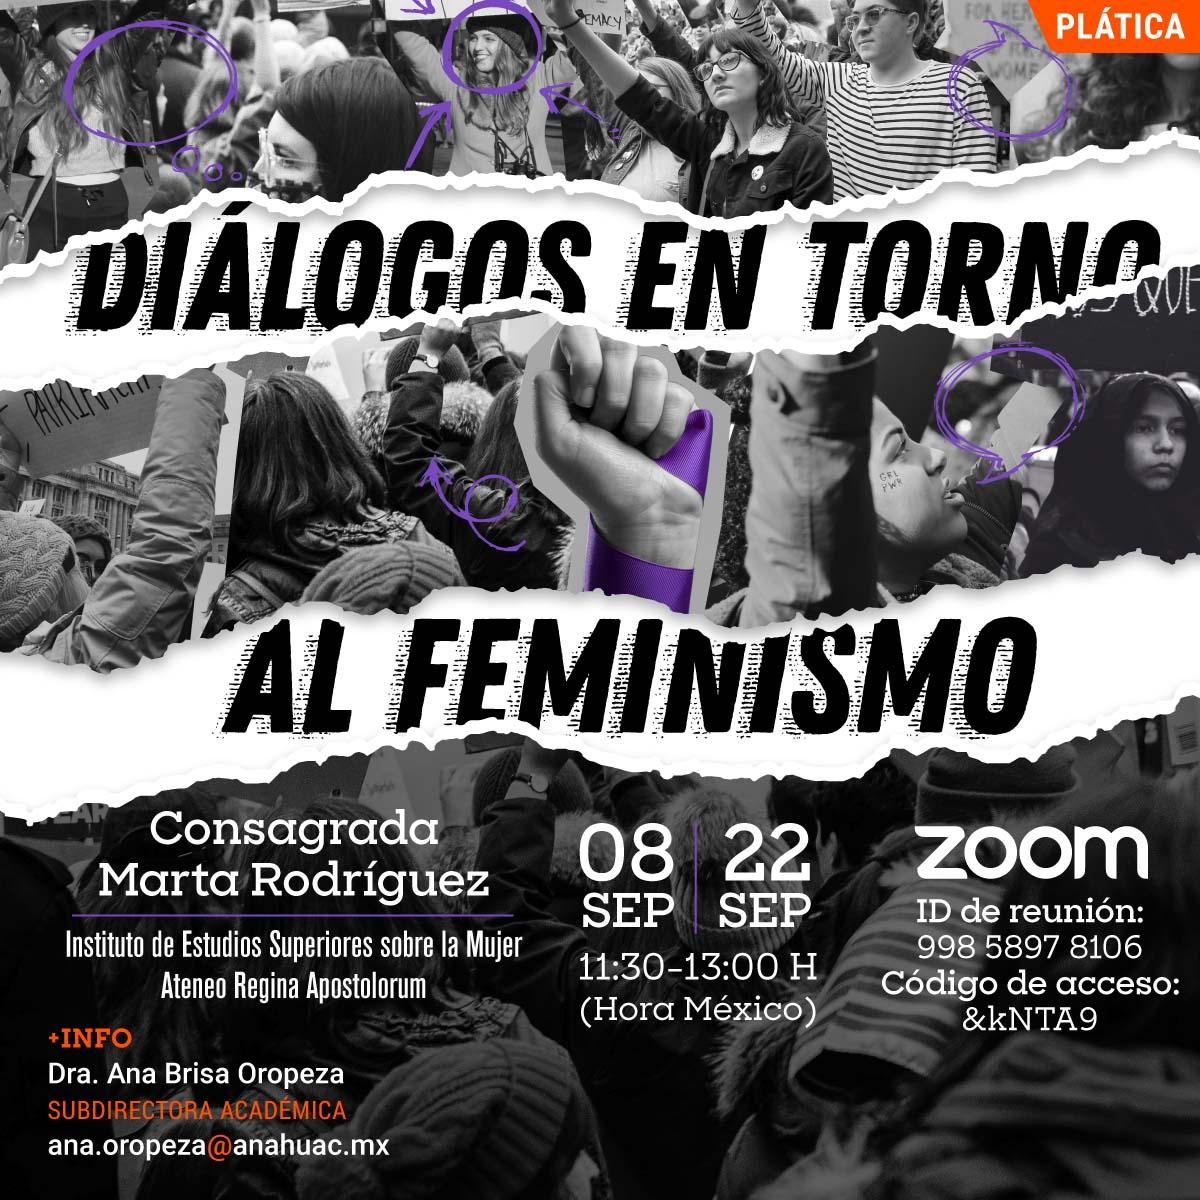 Diálogos en Torno al Feminismo